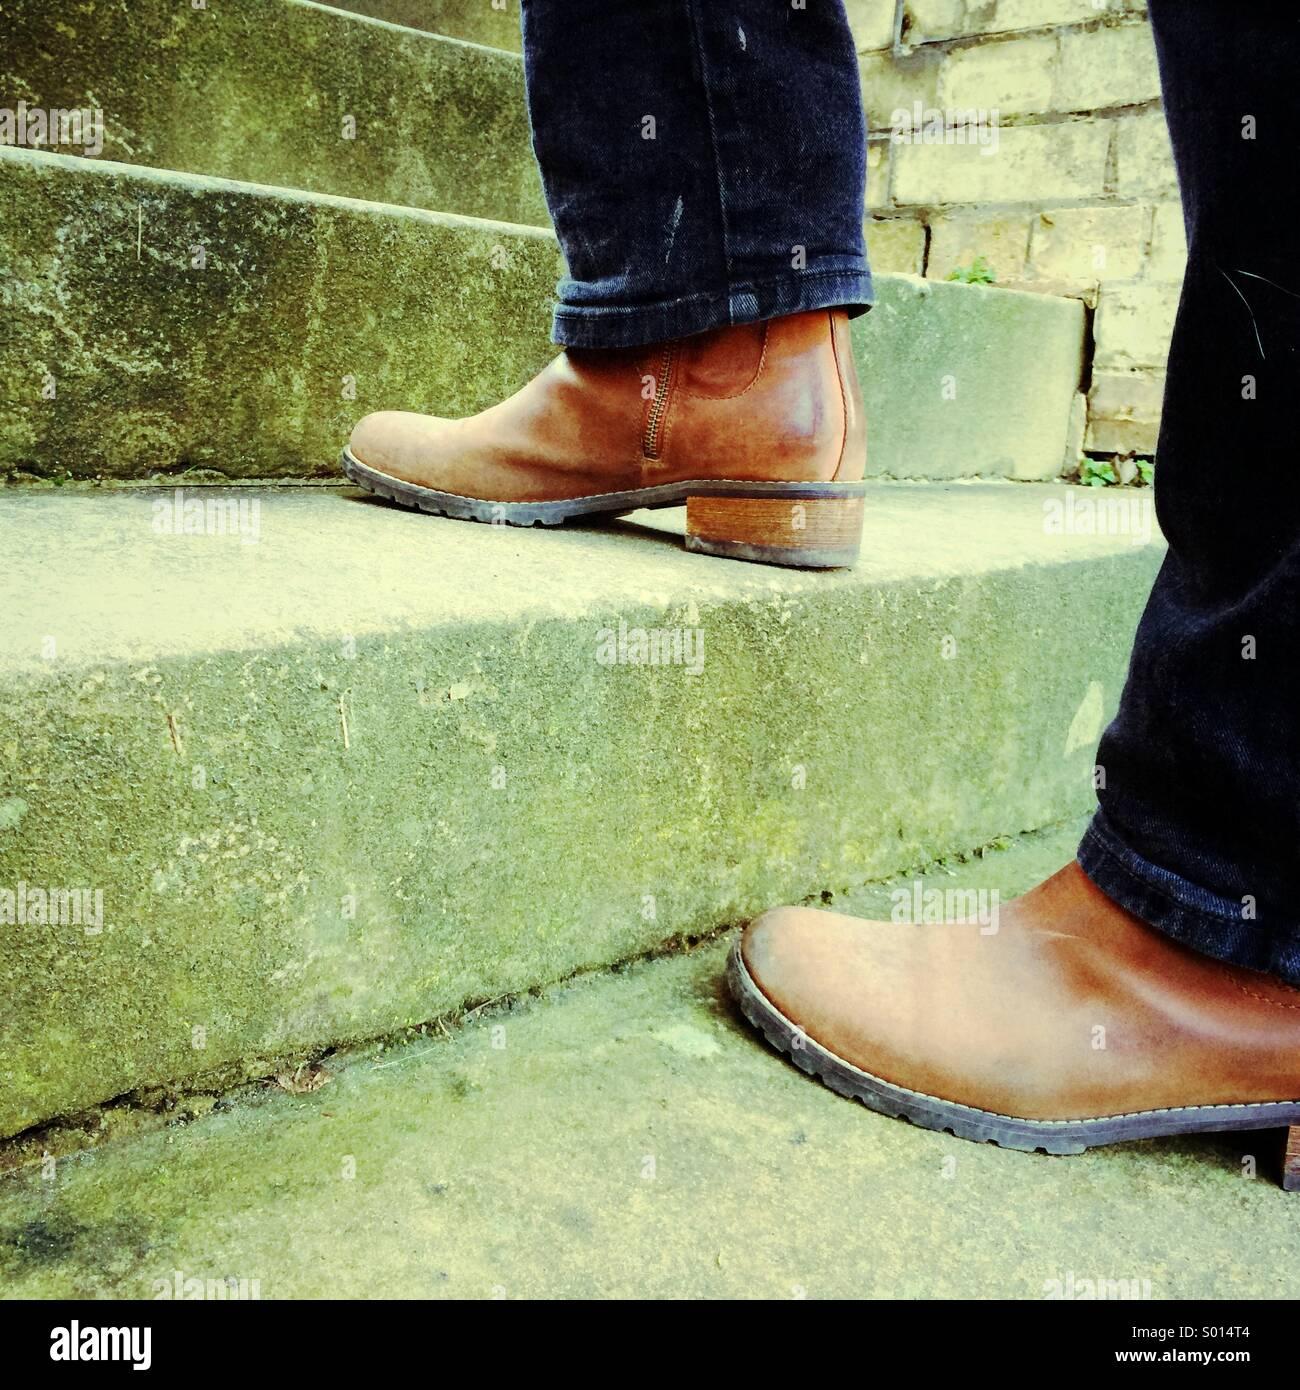 Las piernas de una mujer en negro jeans y botas marrón muestra subiendo peldaños de piedra Imagen De Stock